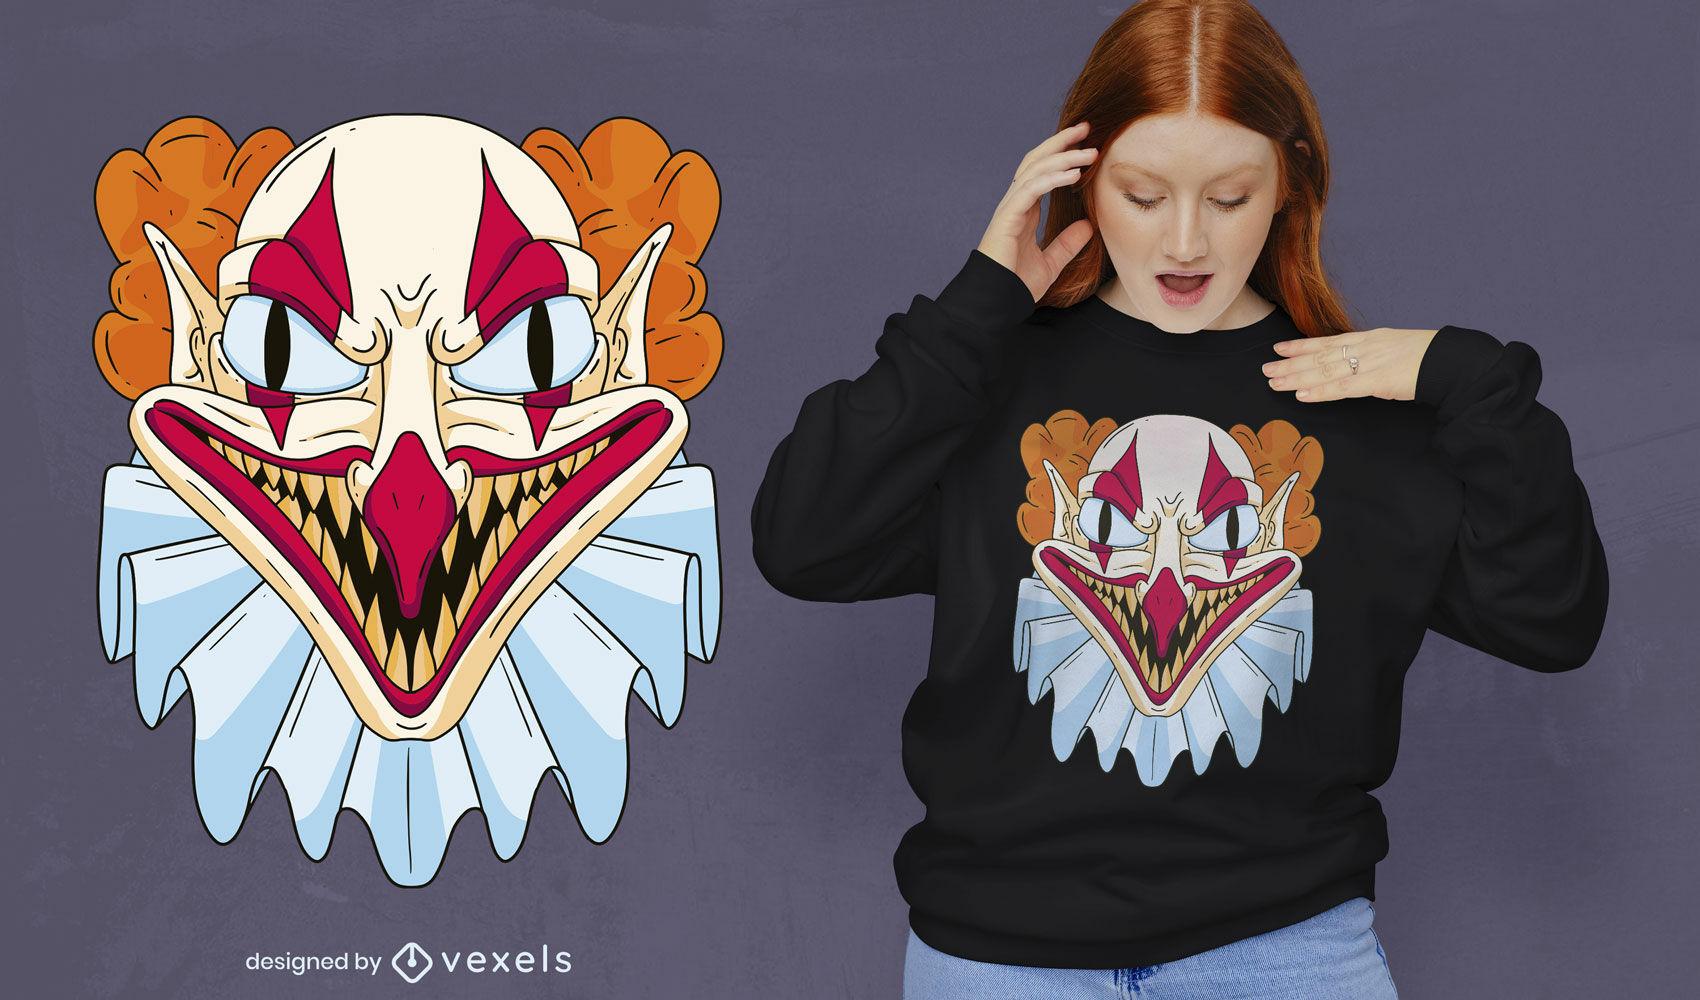 Scary Halloween clown t-shirt design